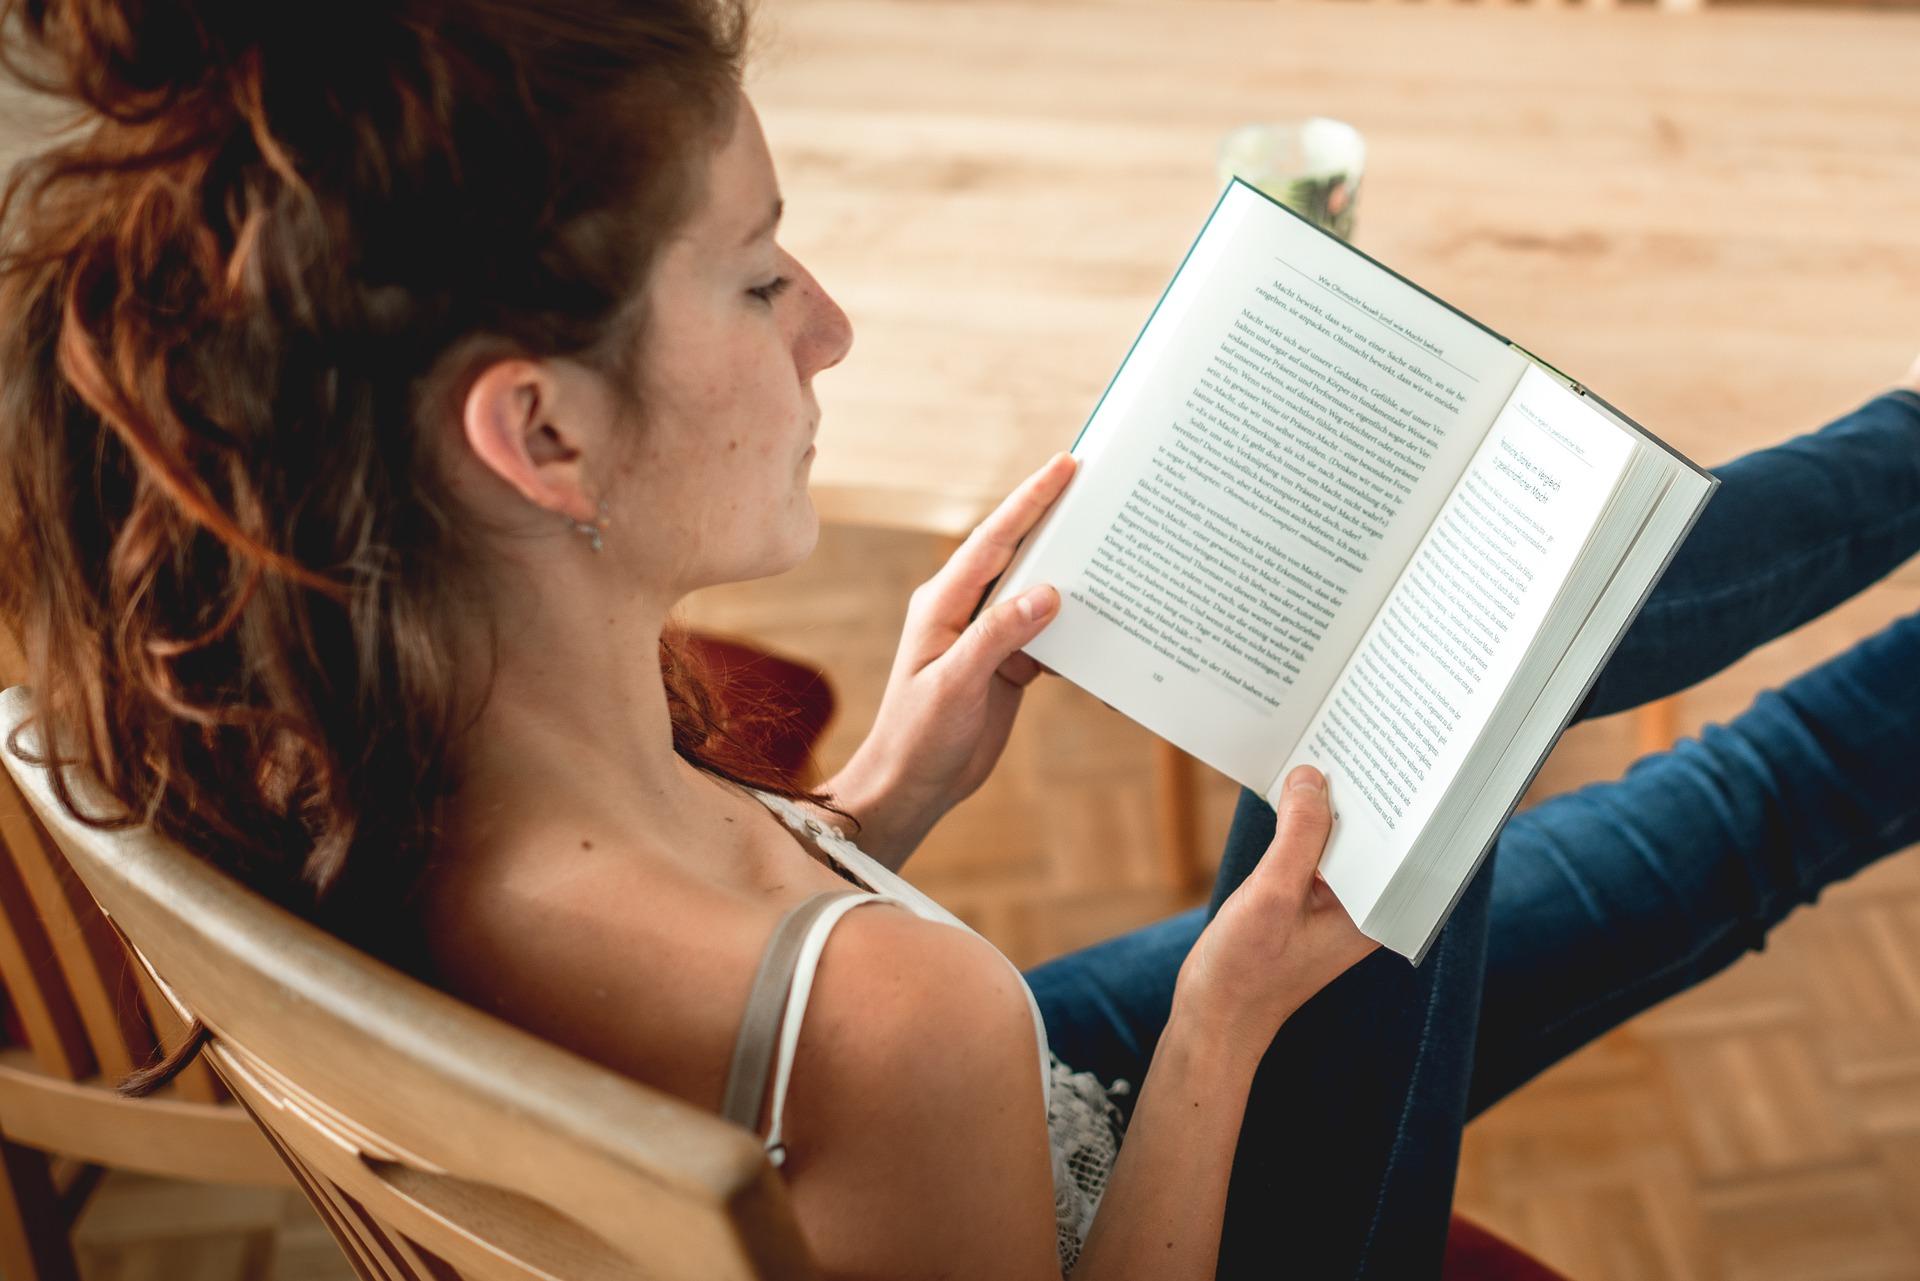 Relájate desde la comodidad de tu hogar Tadeo Arosio34 1 - Relájate desde la comodidad de tu hogar